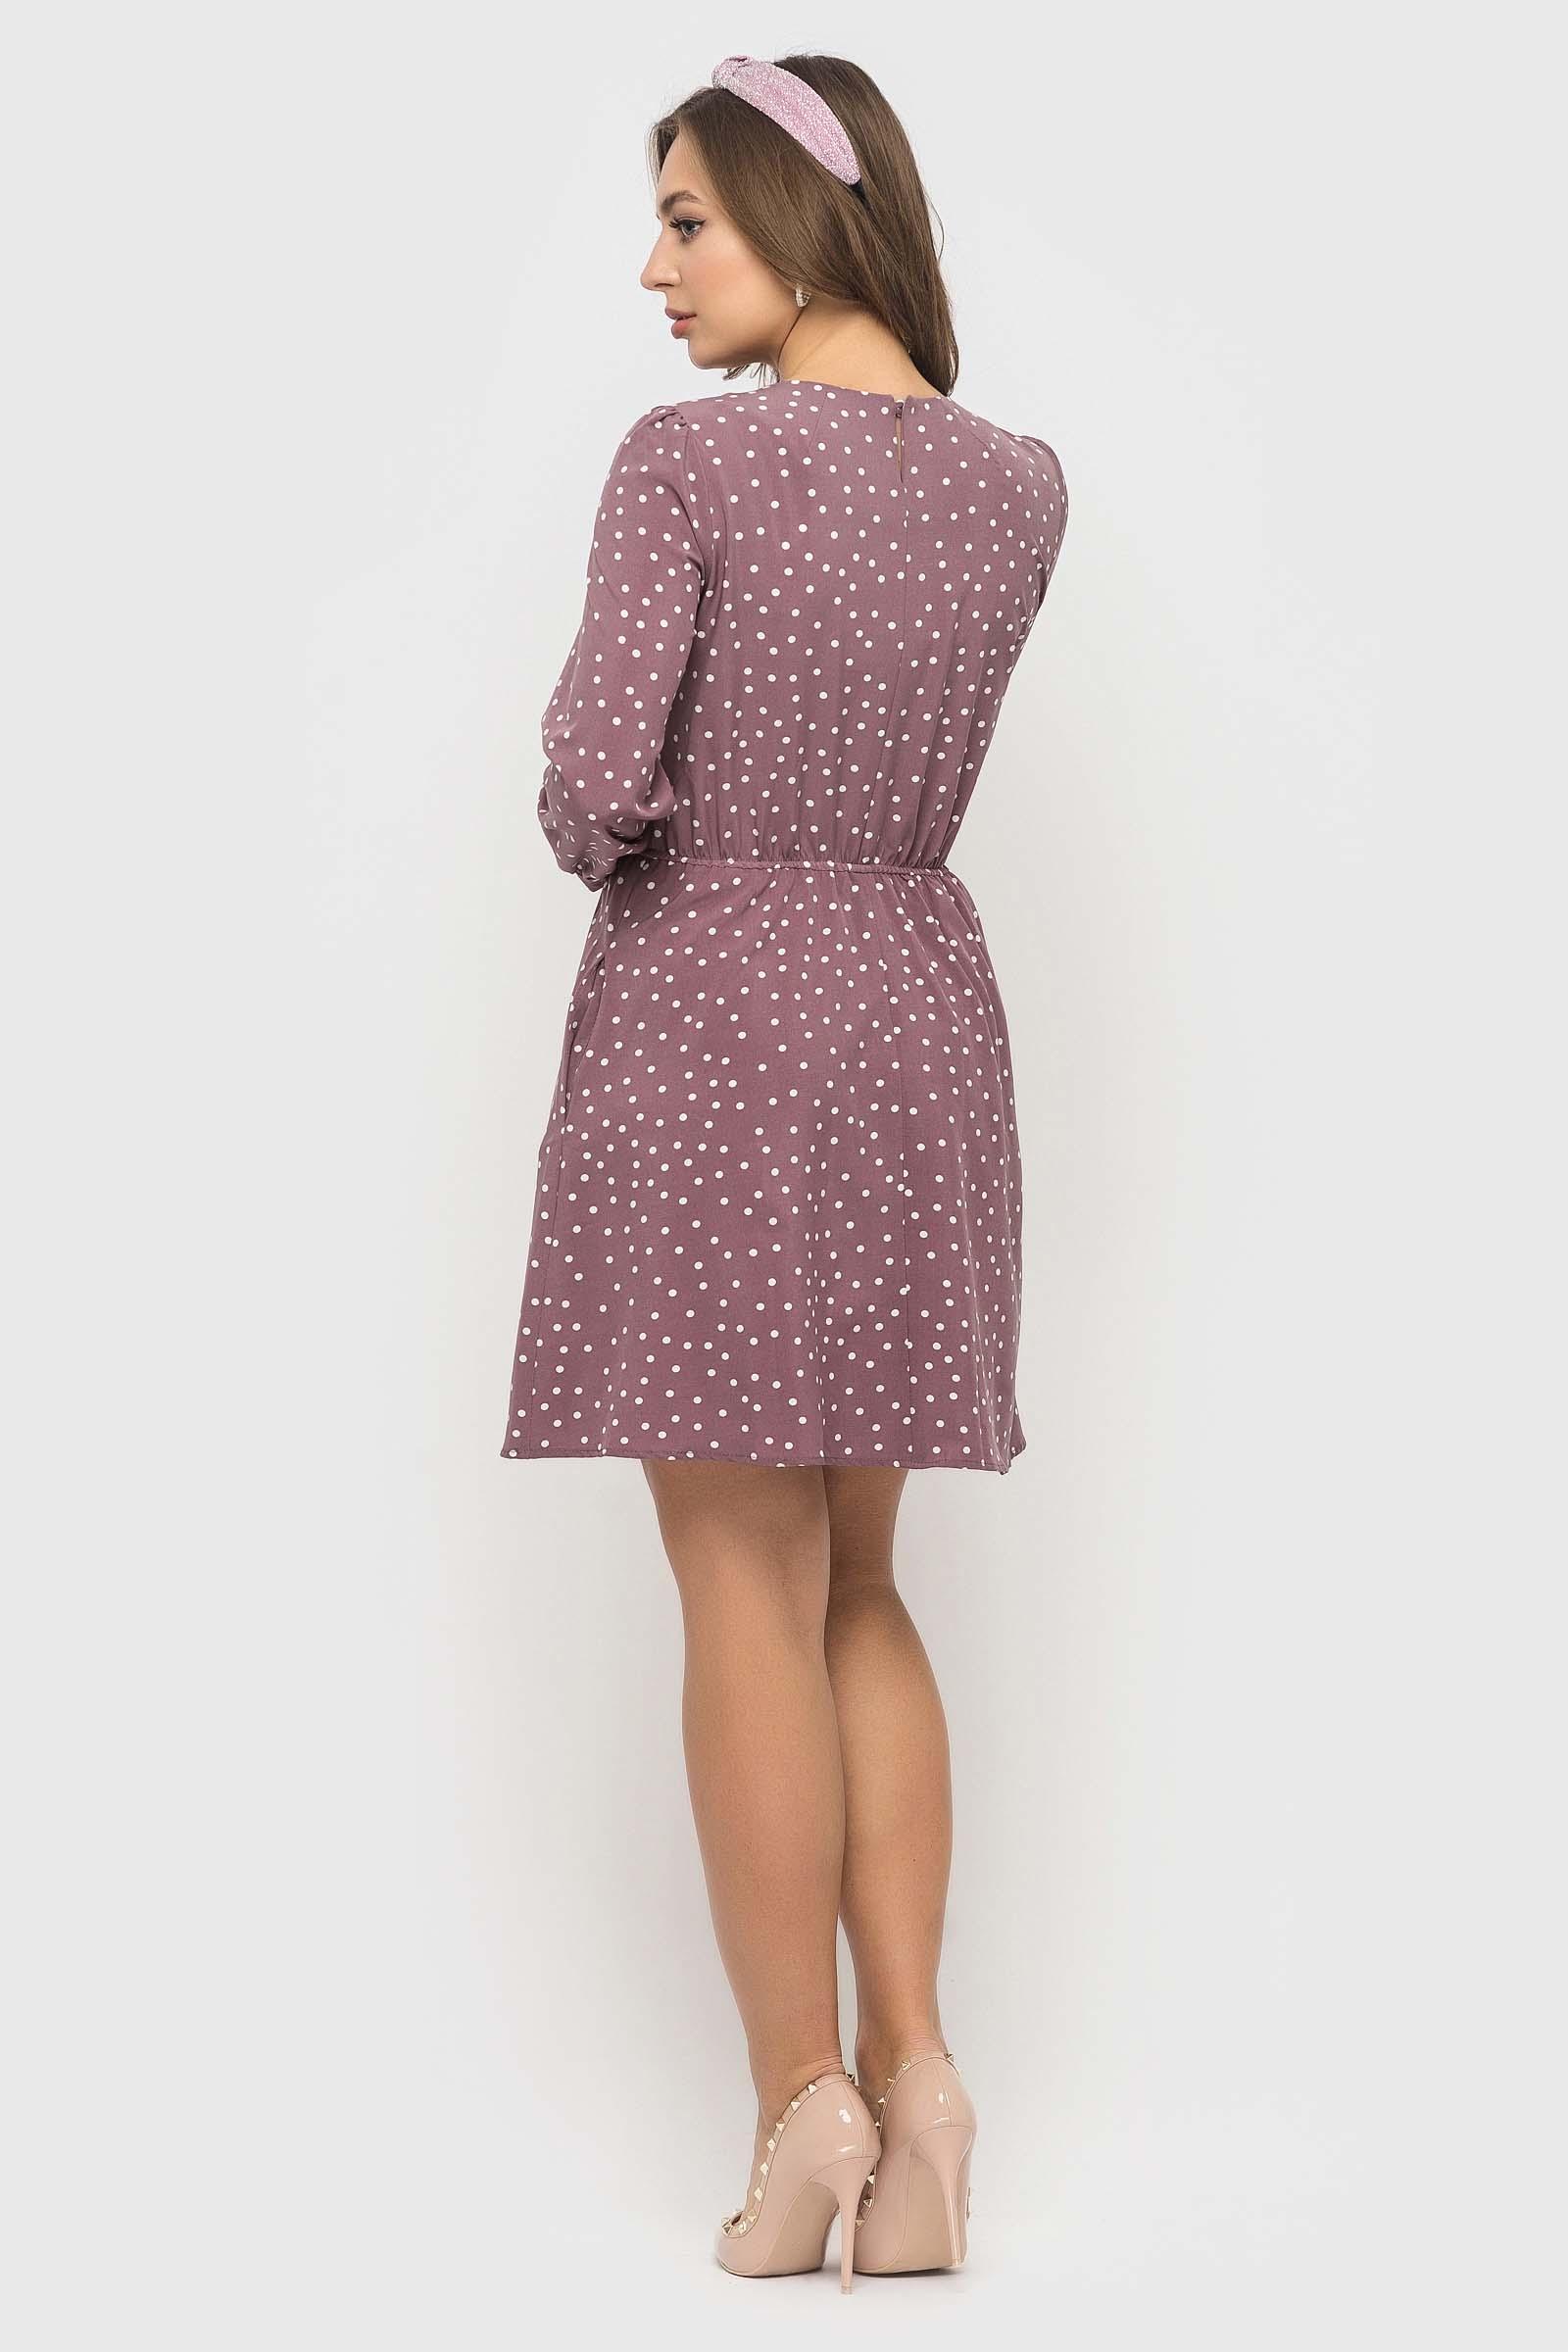 be art 2020 04 07182617 Купить платье